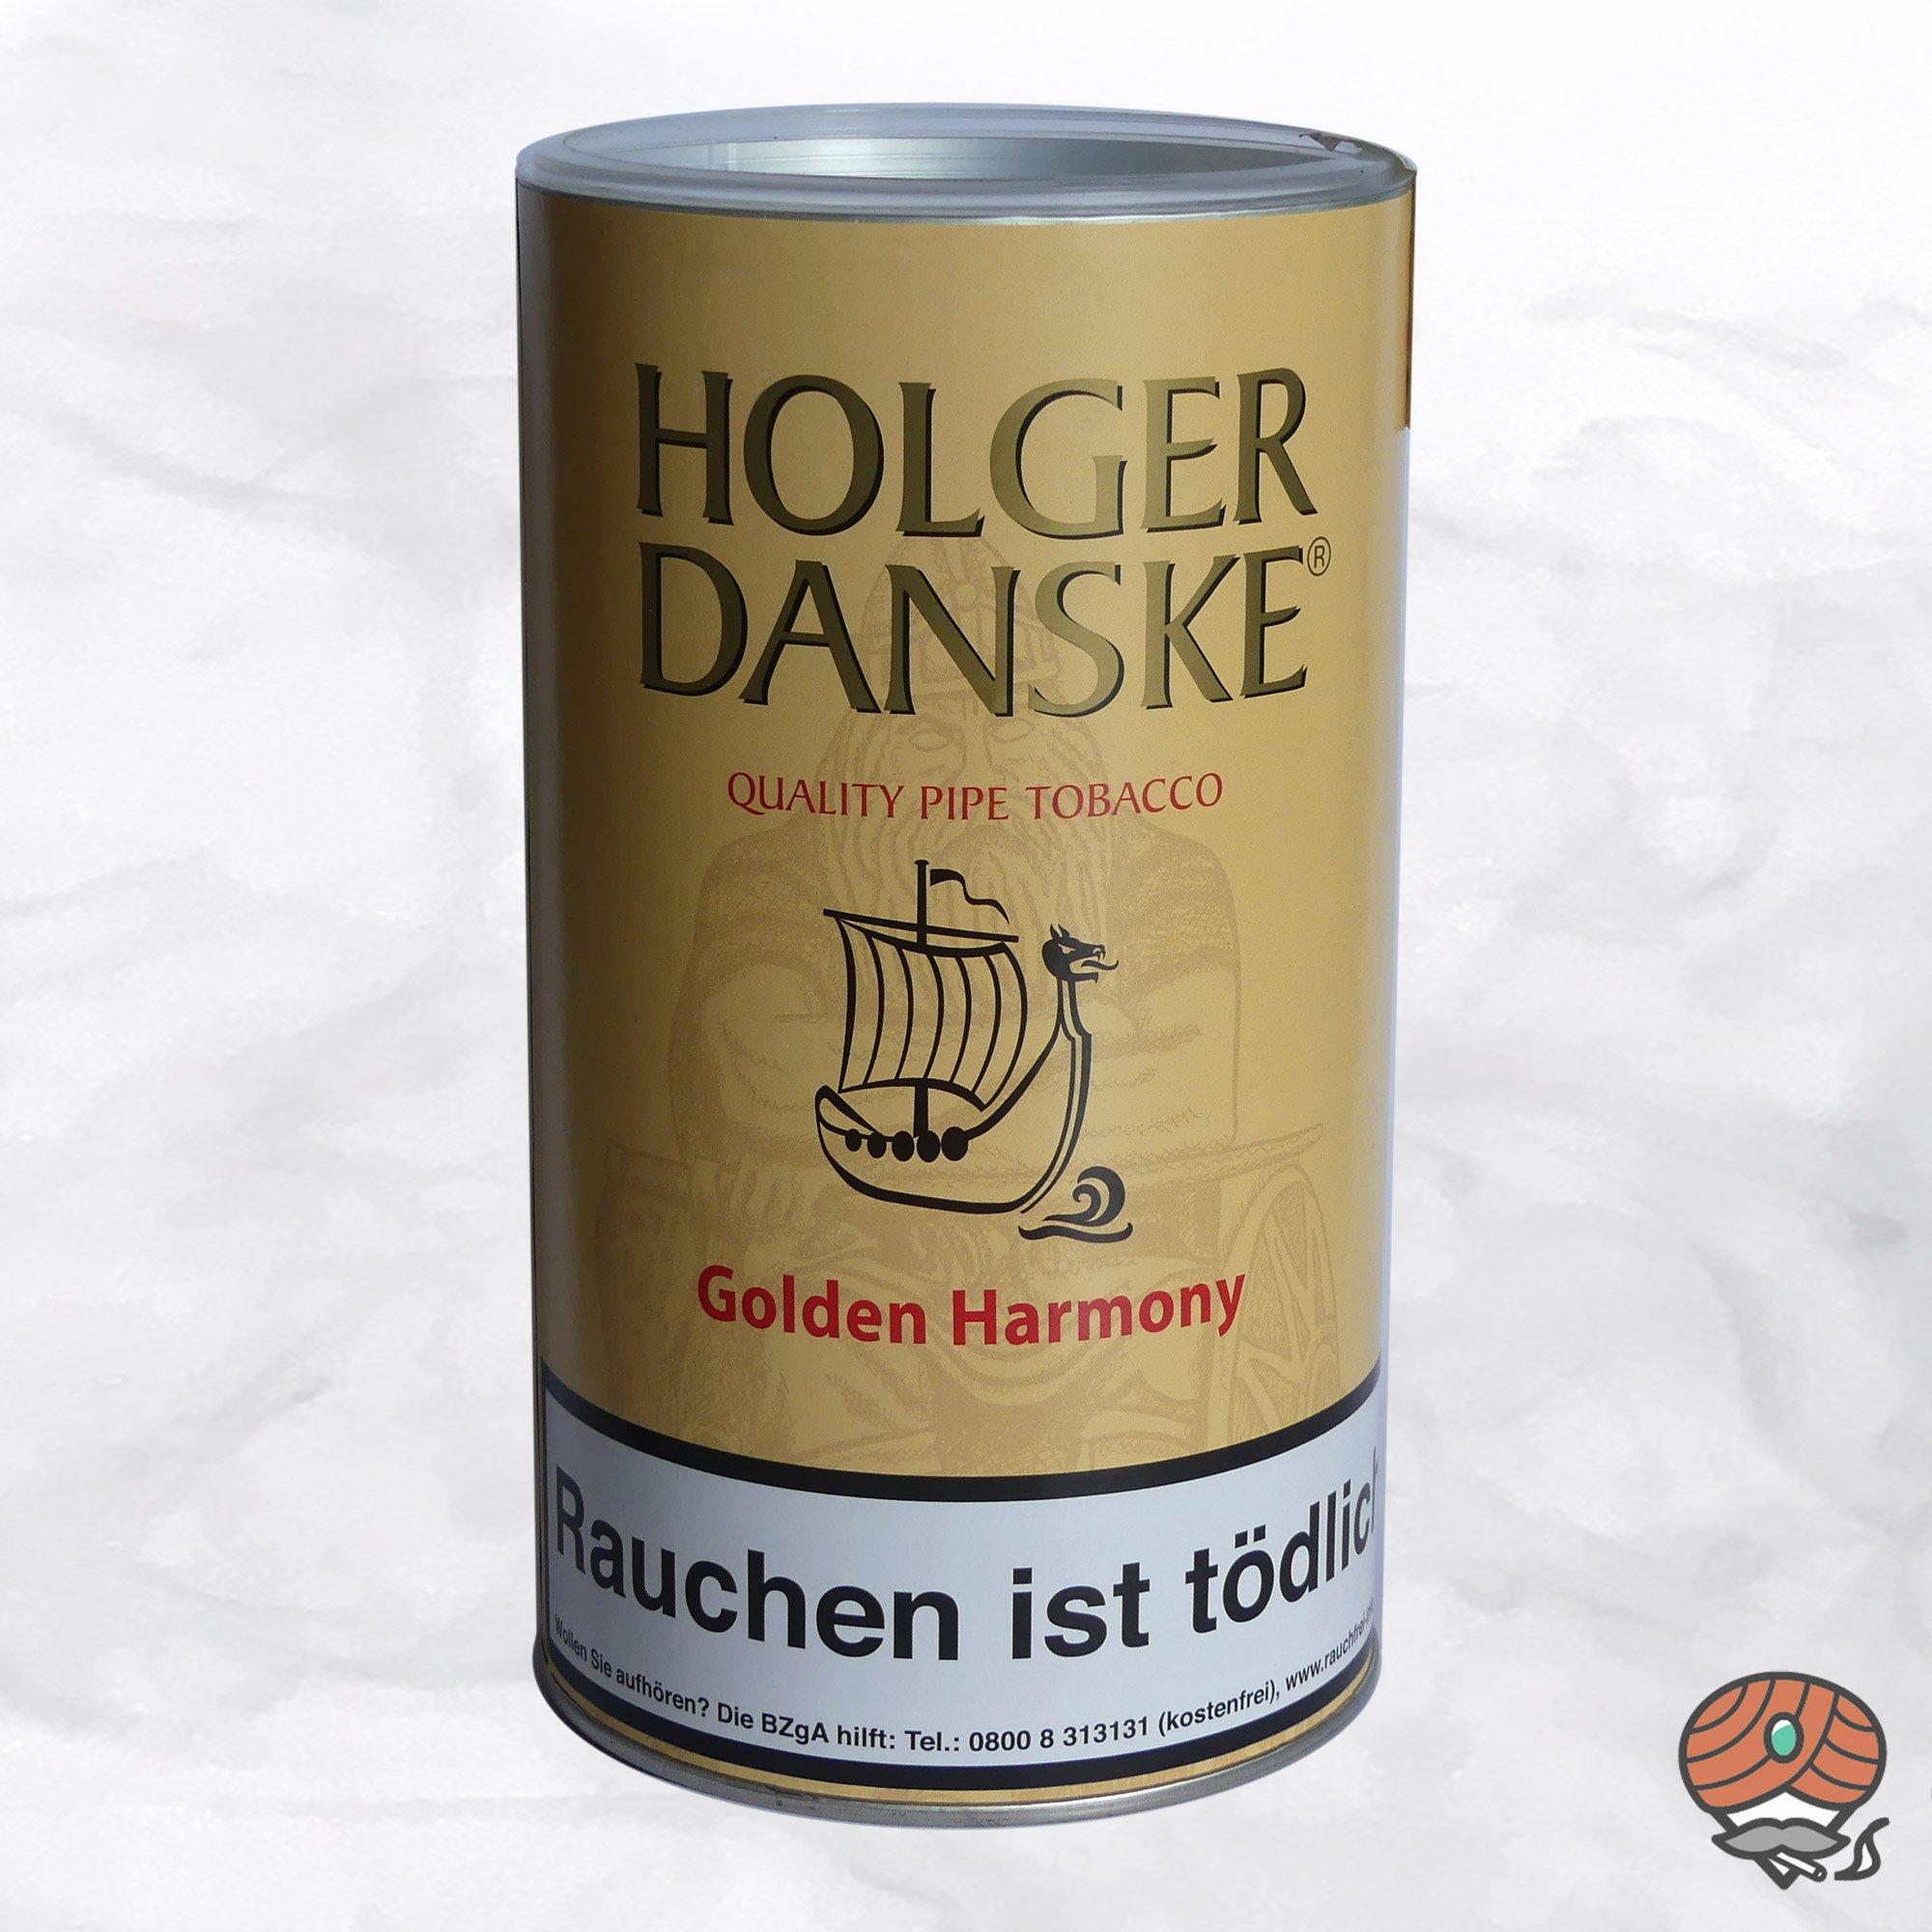 Holger Danske Golden Harmony Pfeifentabak 250 g Dose